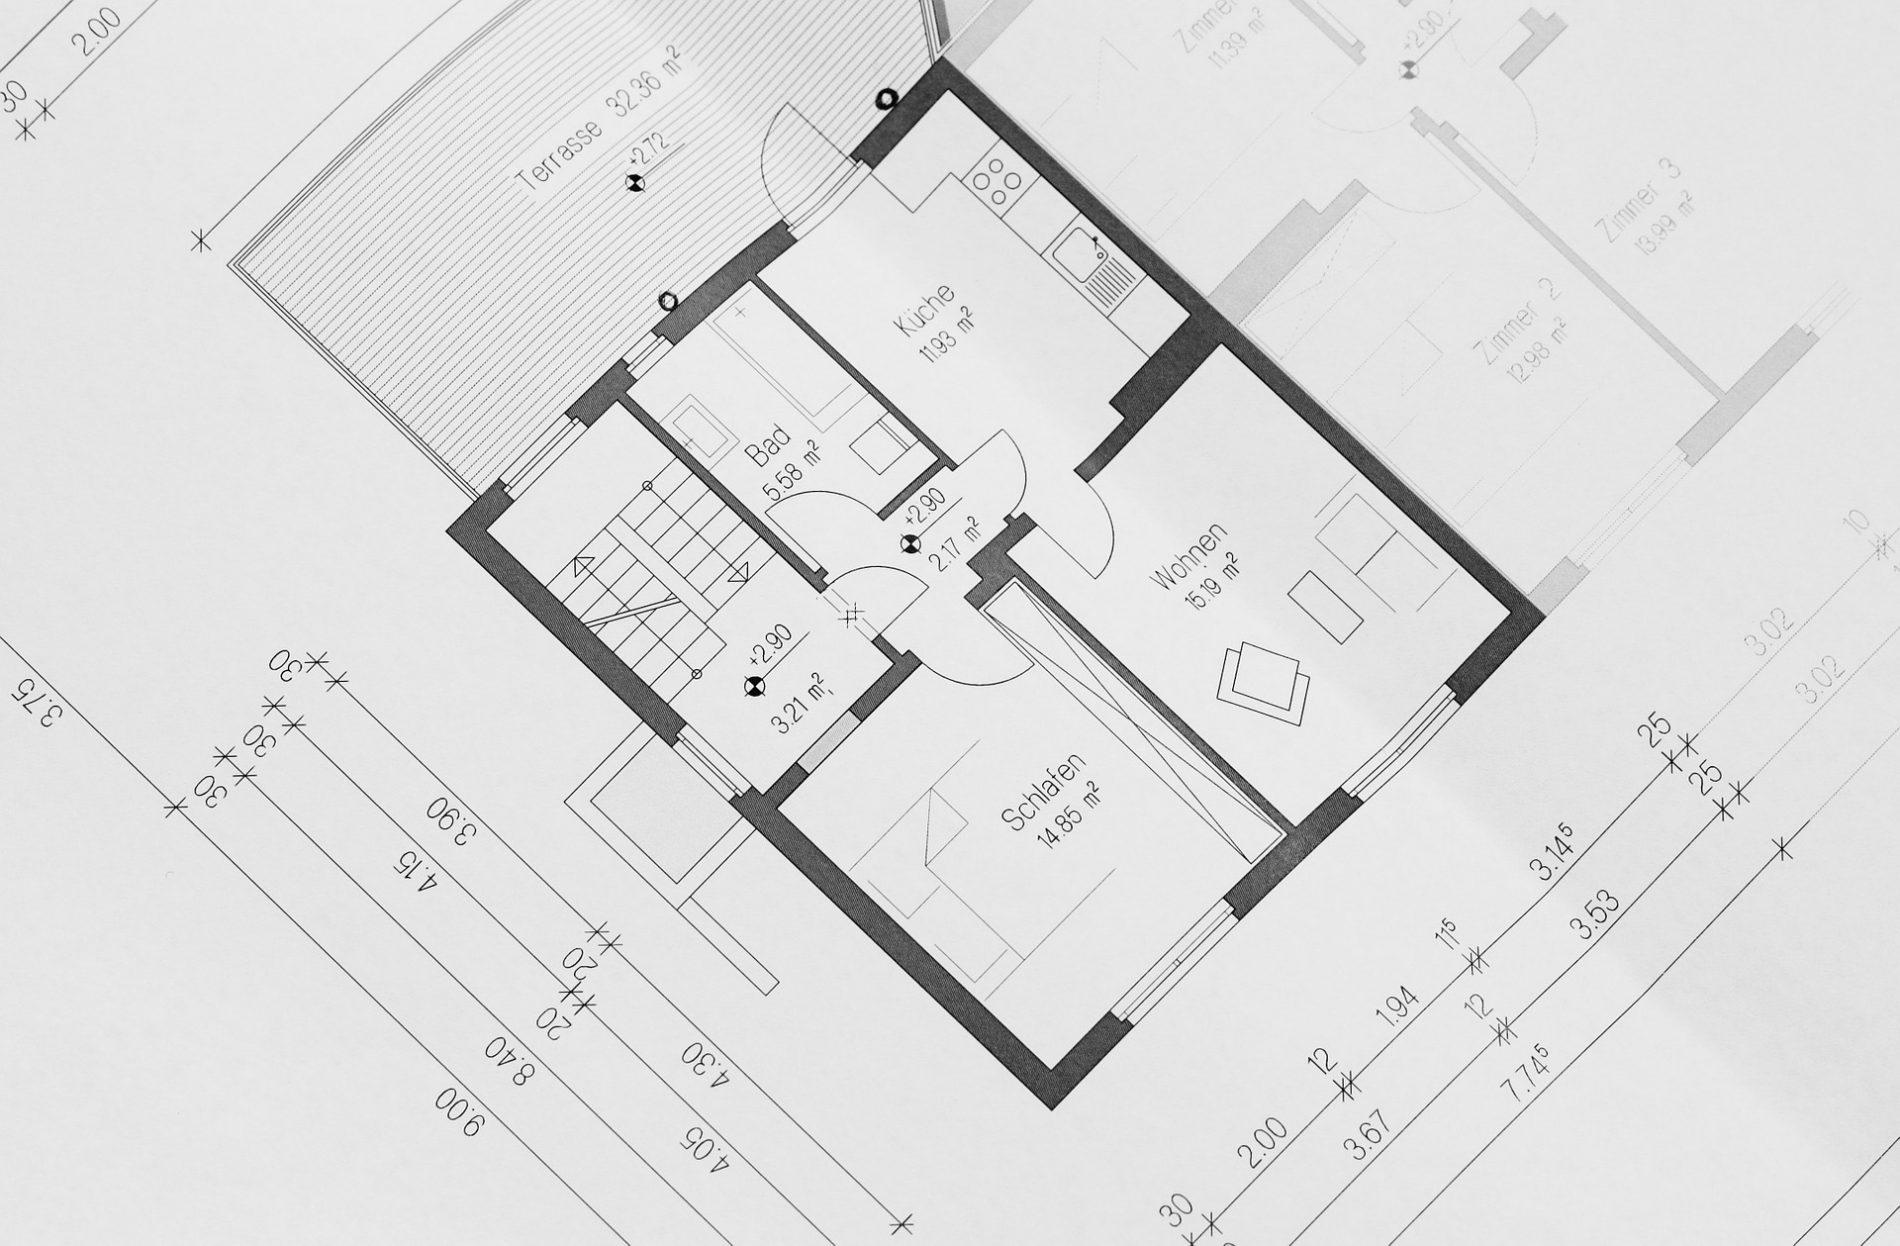 Hermes Projektentwicklung   Immobilien Planung und Sanierung - Konzeption - Entwicklung von Nutzungskonzepten, Machbarkeitsanalysen, Grundrisskonzeption, Freiflächenplänen und Wertschöpfungsprozessen.